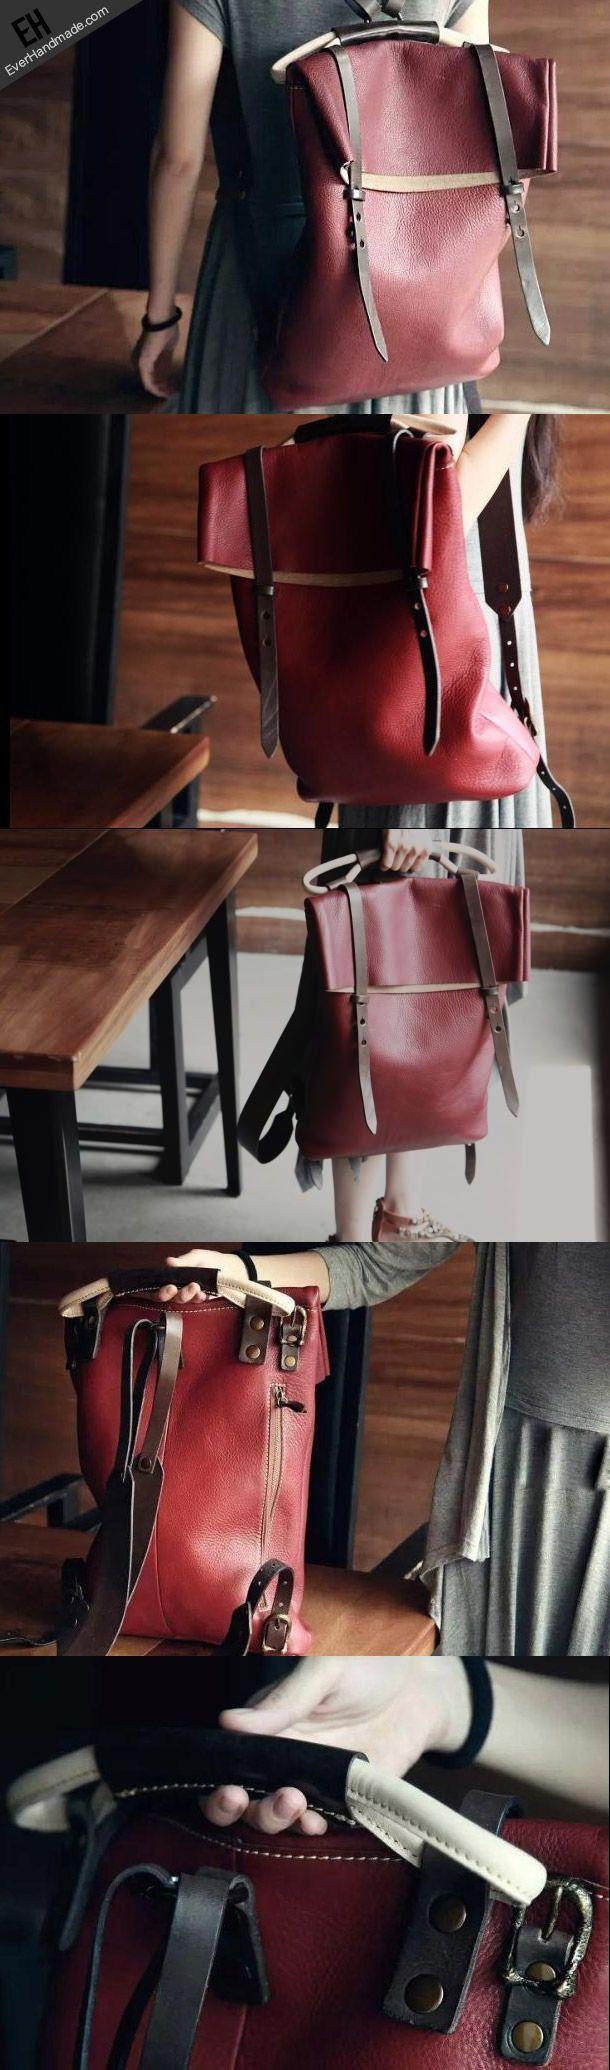 Handmade leather red backpack bags for women Diese und weitere Taschen auf www.designertasch... entdecken